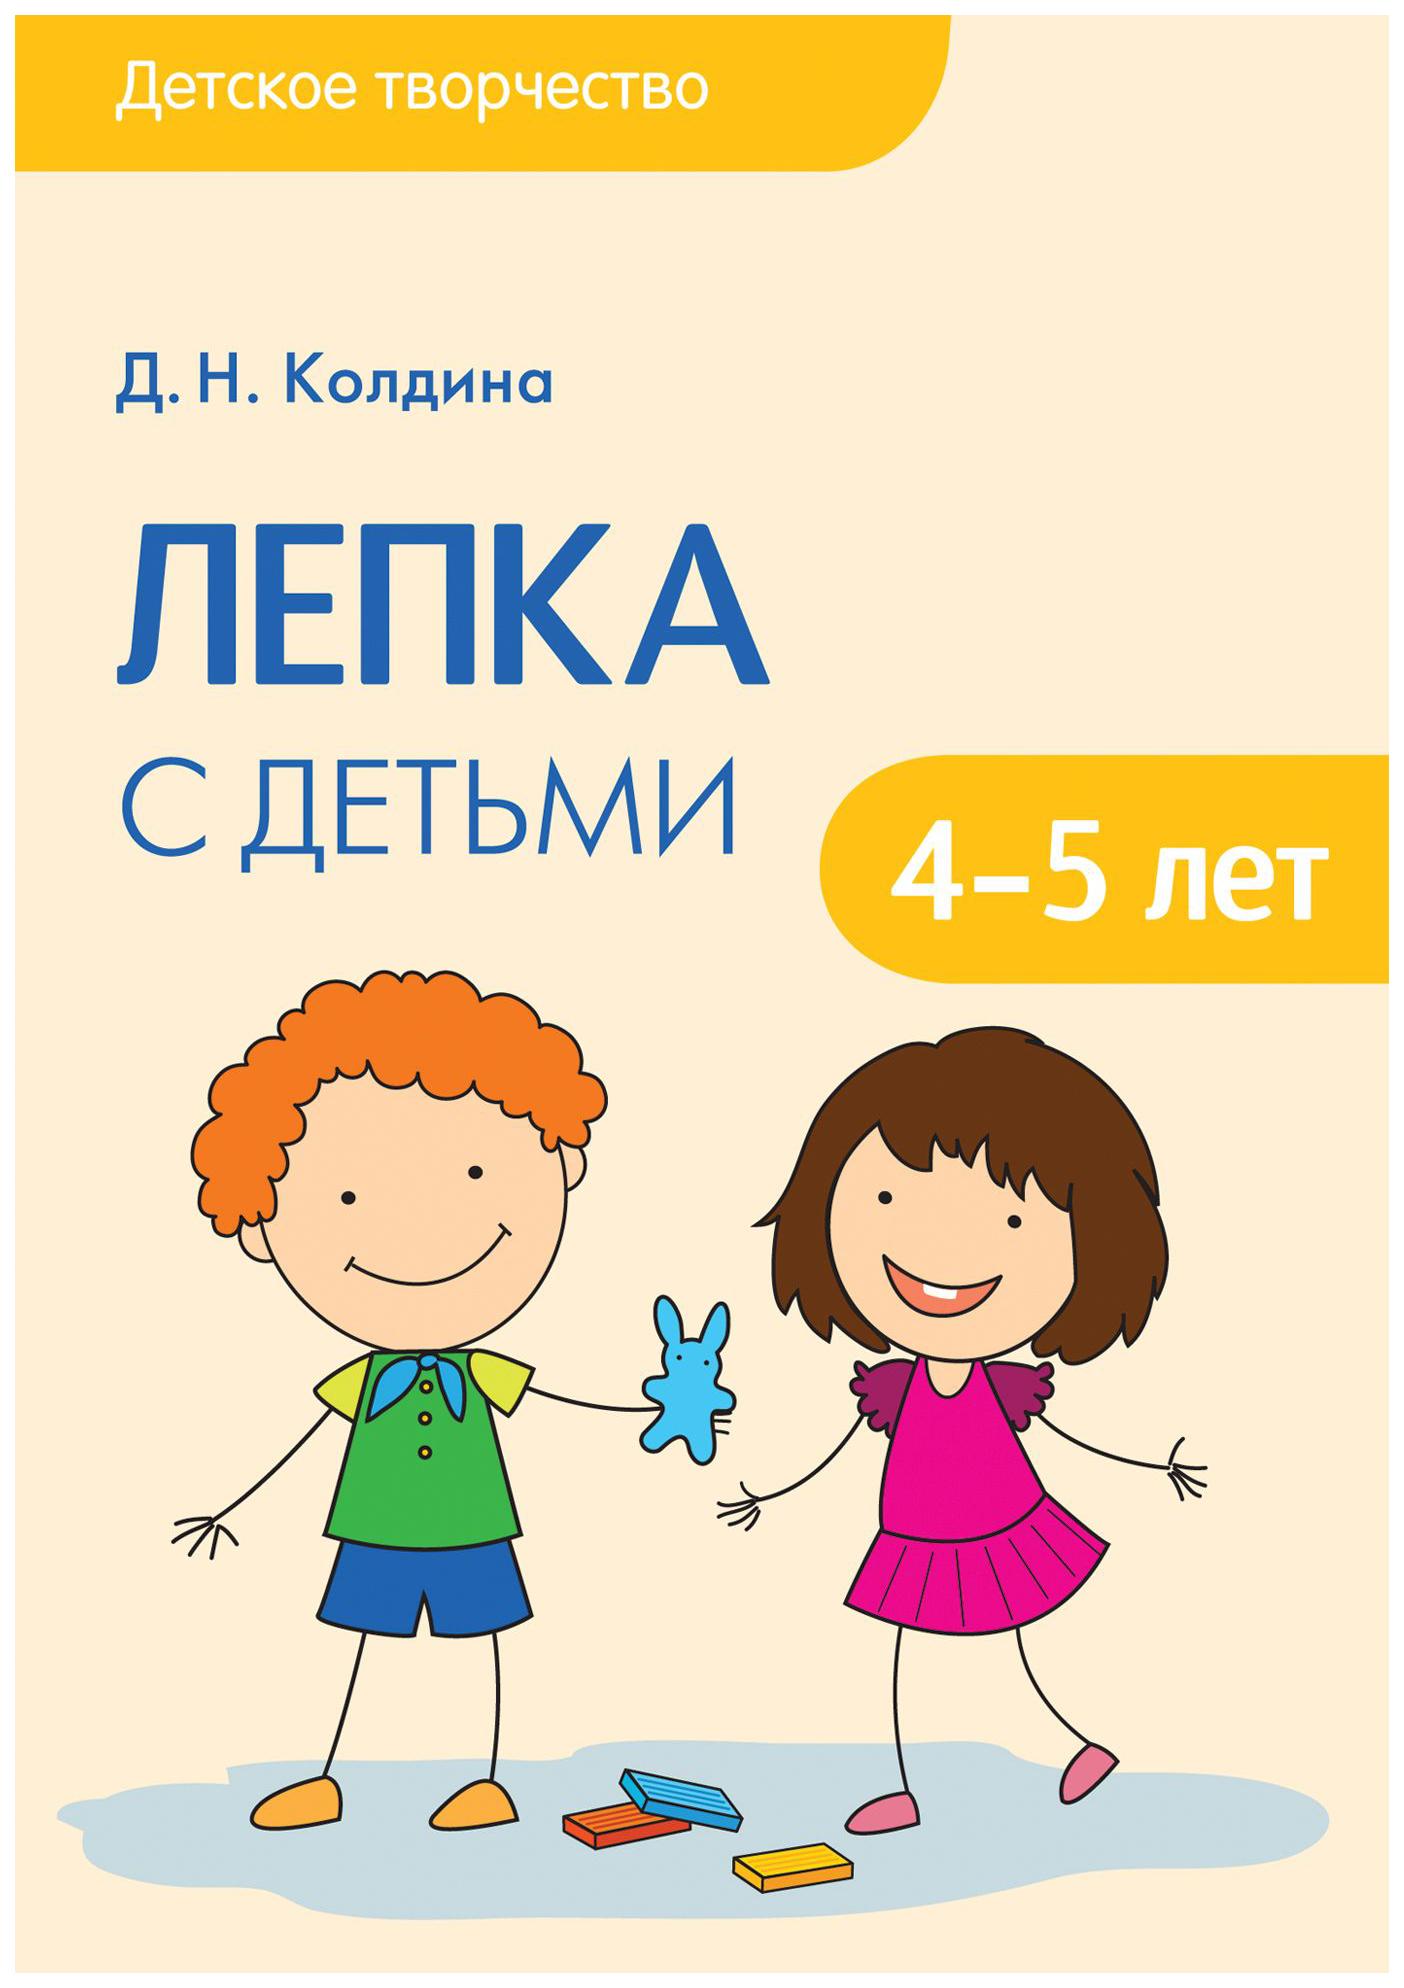 Обучающая колдина Д.Н. Детское творчество лепка С Детьм и 4-5 лет